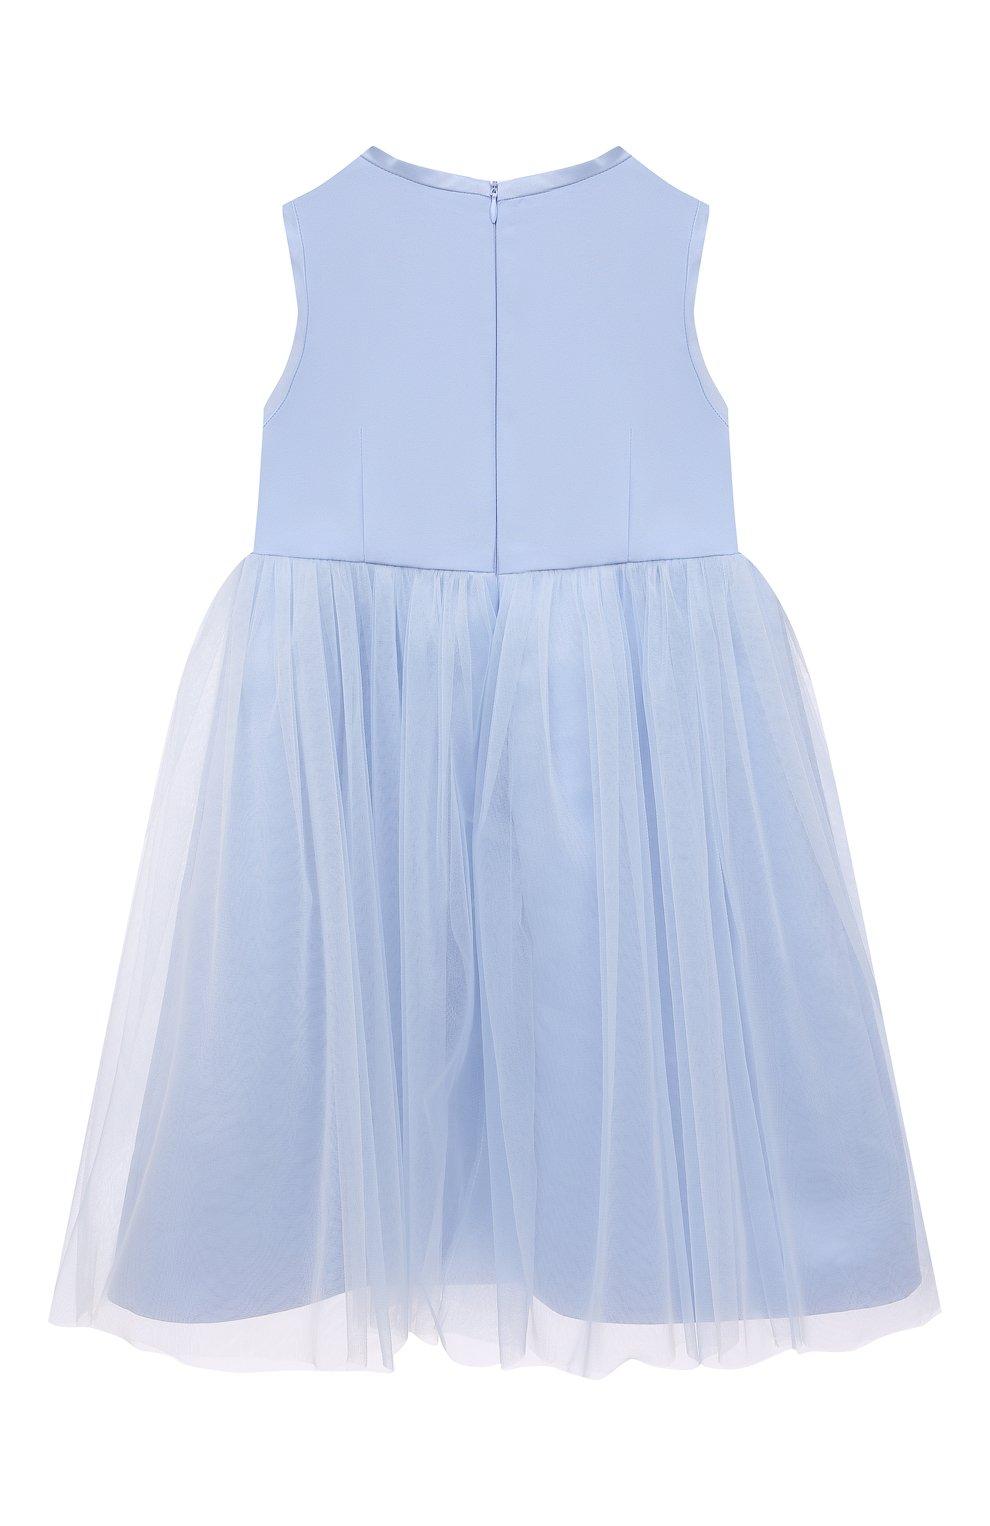 Детское платье александра ZHANNA & ANNA голубого цвета, арт. ZAP02032021 | Фото 2 (Случай: Вечерний; Рукава: Короткие; Девочки Кросс-КТ: Платье-одежда; Материал подклада: Вискоза; Ростовка одежда: 5 лет | 110 см, 7 лет | 122 см, 9 лет | 134 см, 3 года | 98 см)